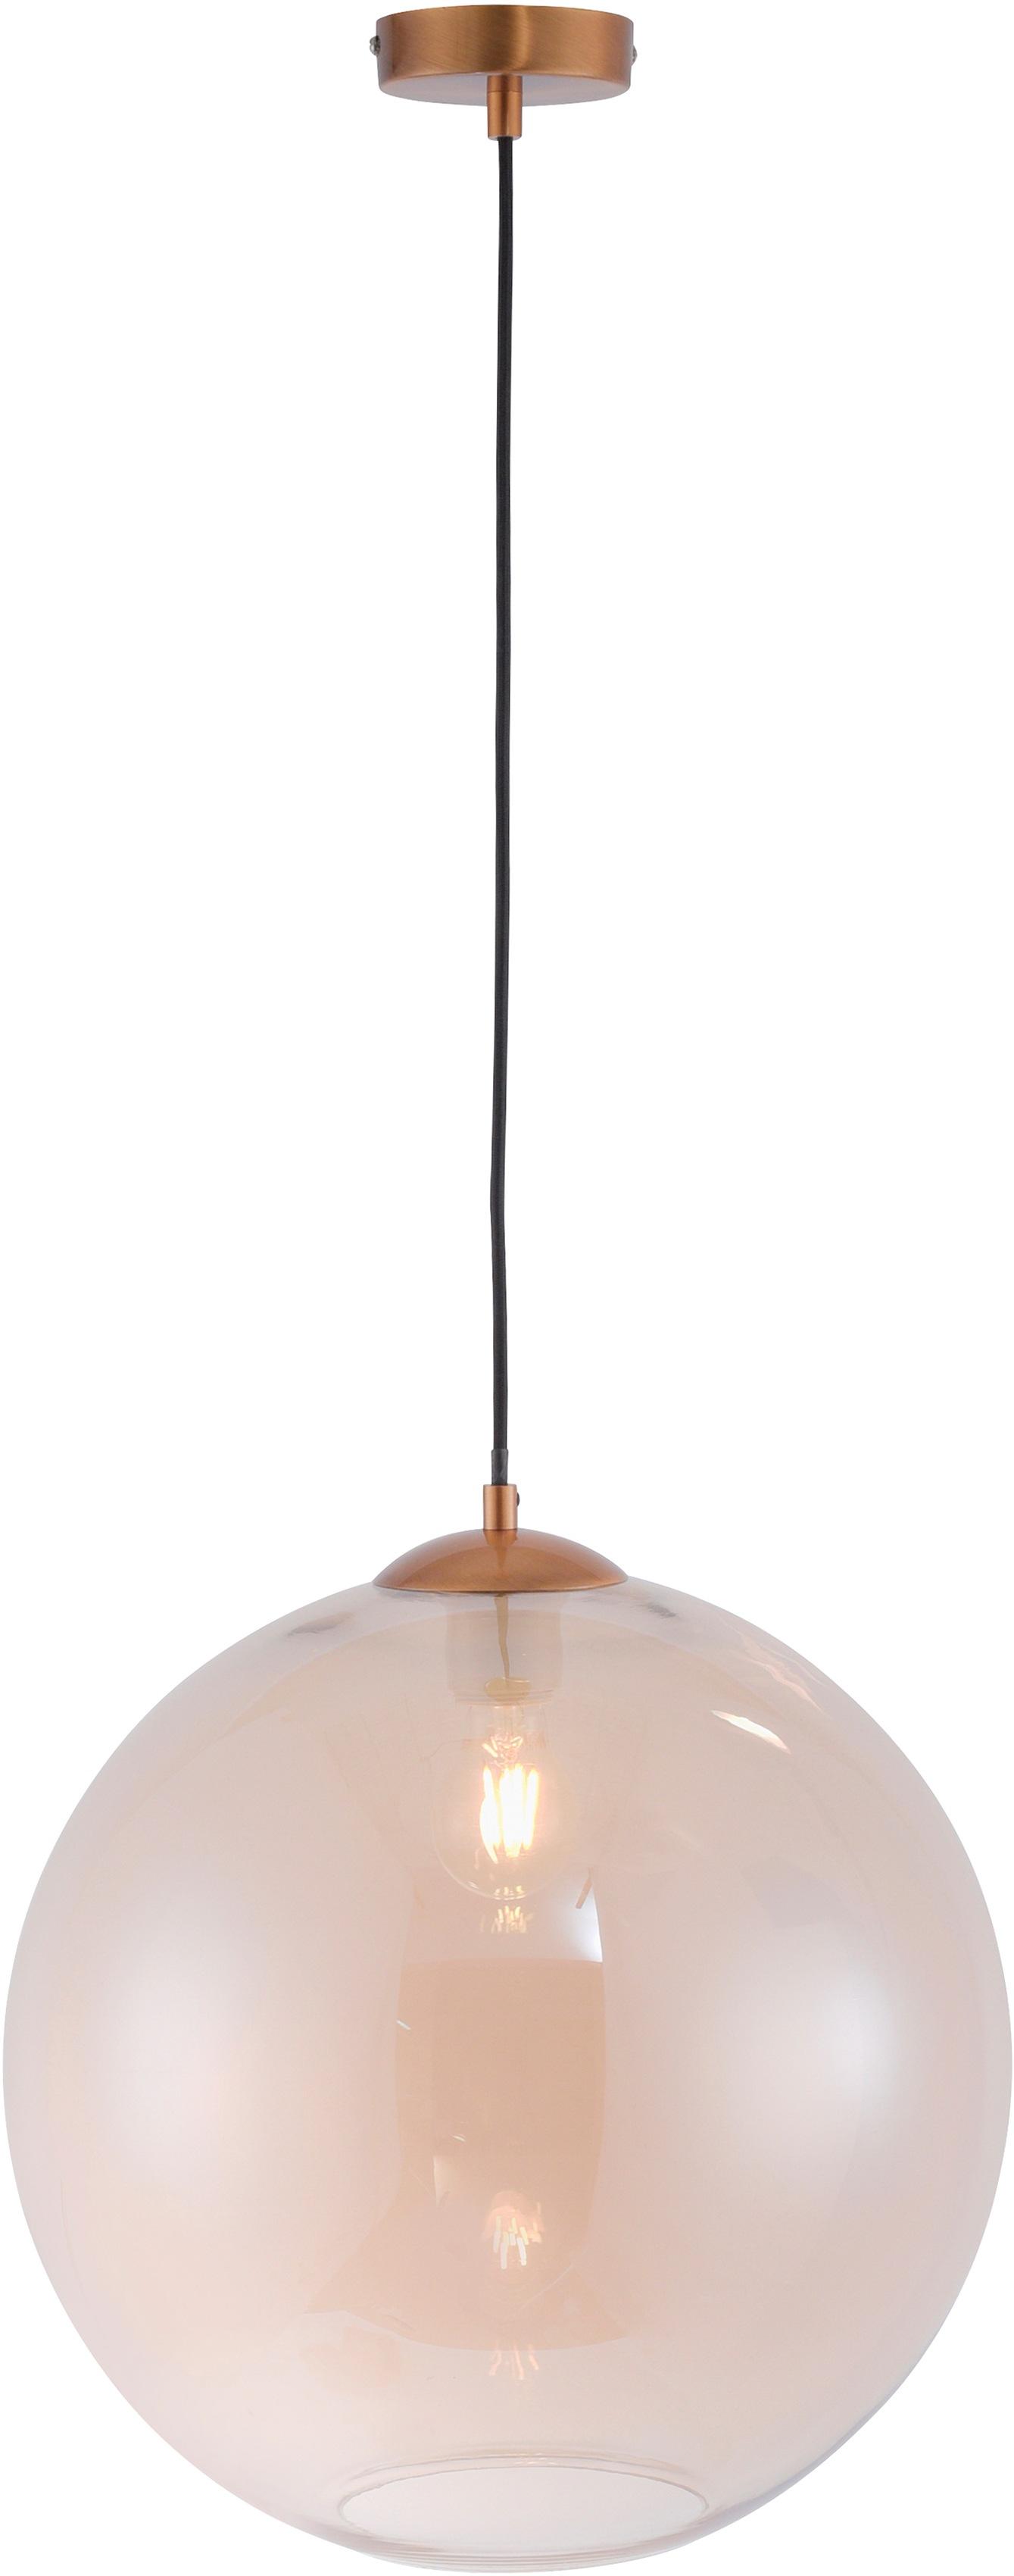 Leuchten Direkt Pendelleuchte TABEA, E27, 1 St., Hängeleuchte, Hängelampe